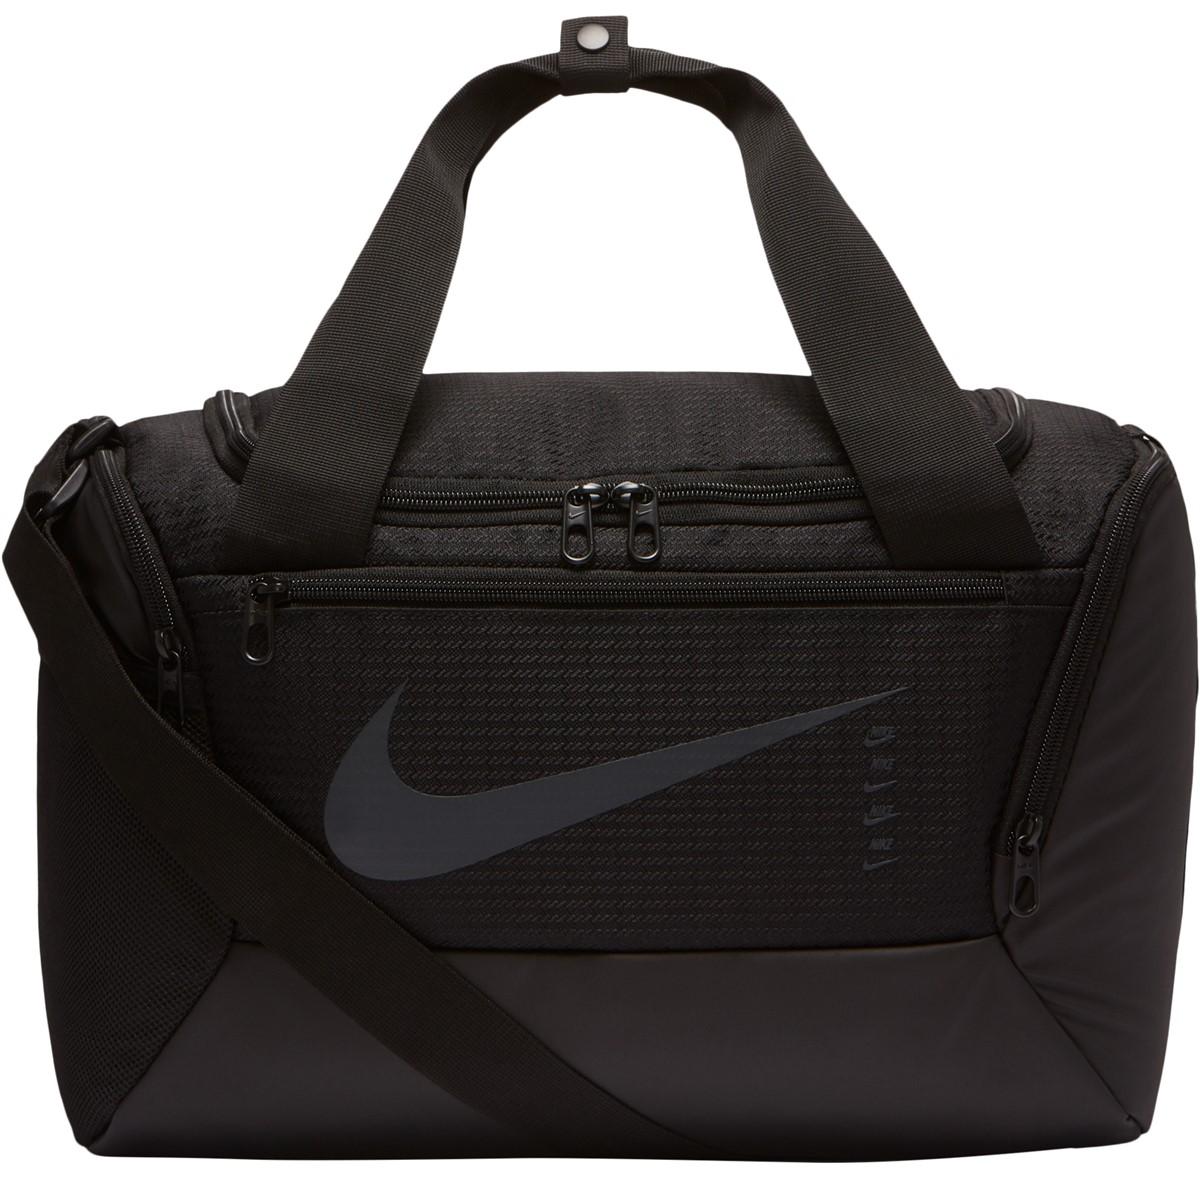 Brasilia 9.0 XS Duffle Bag in Black